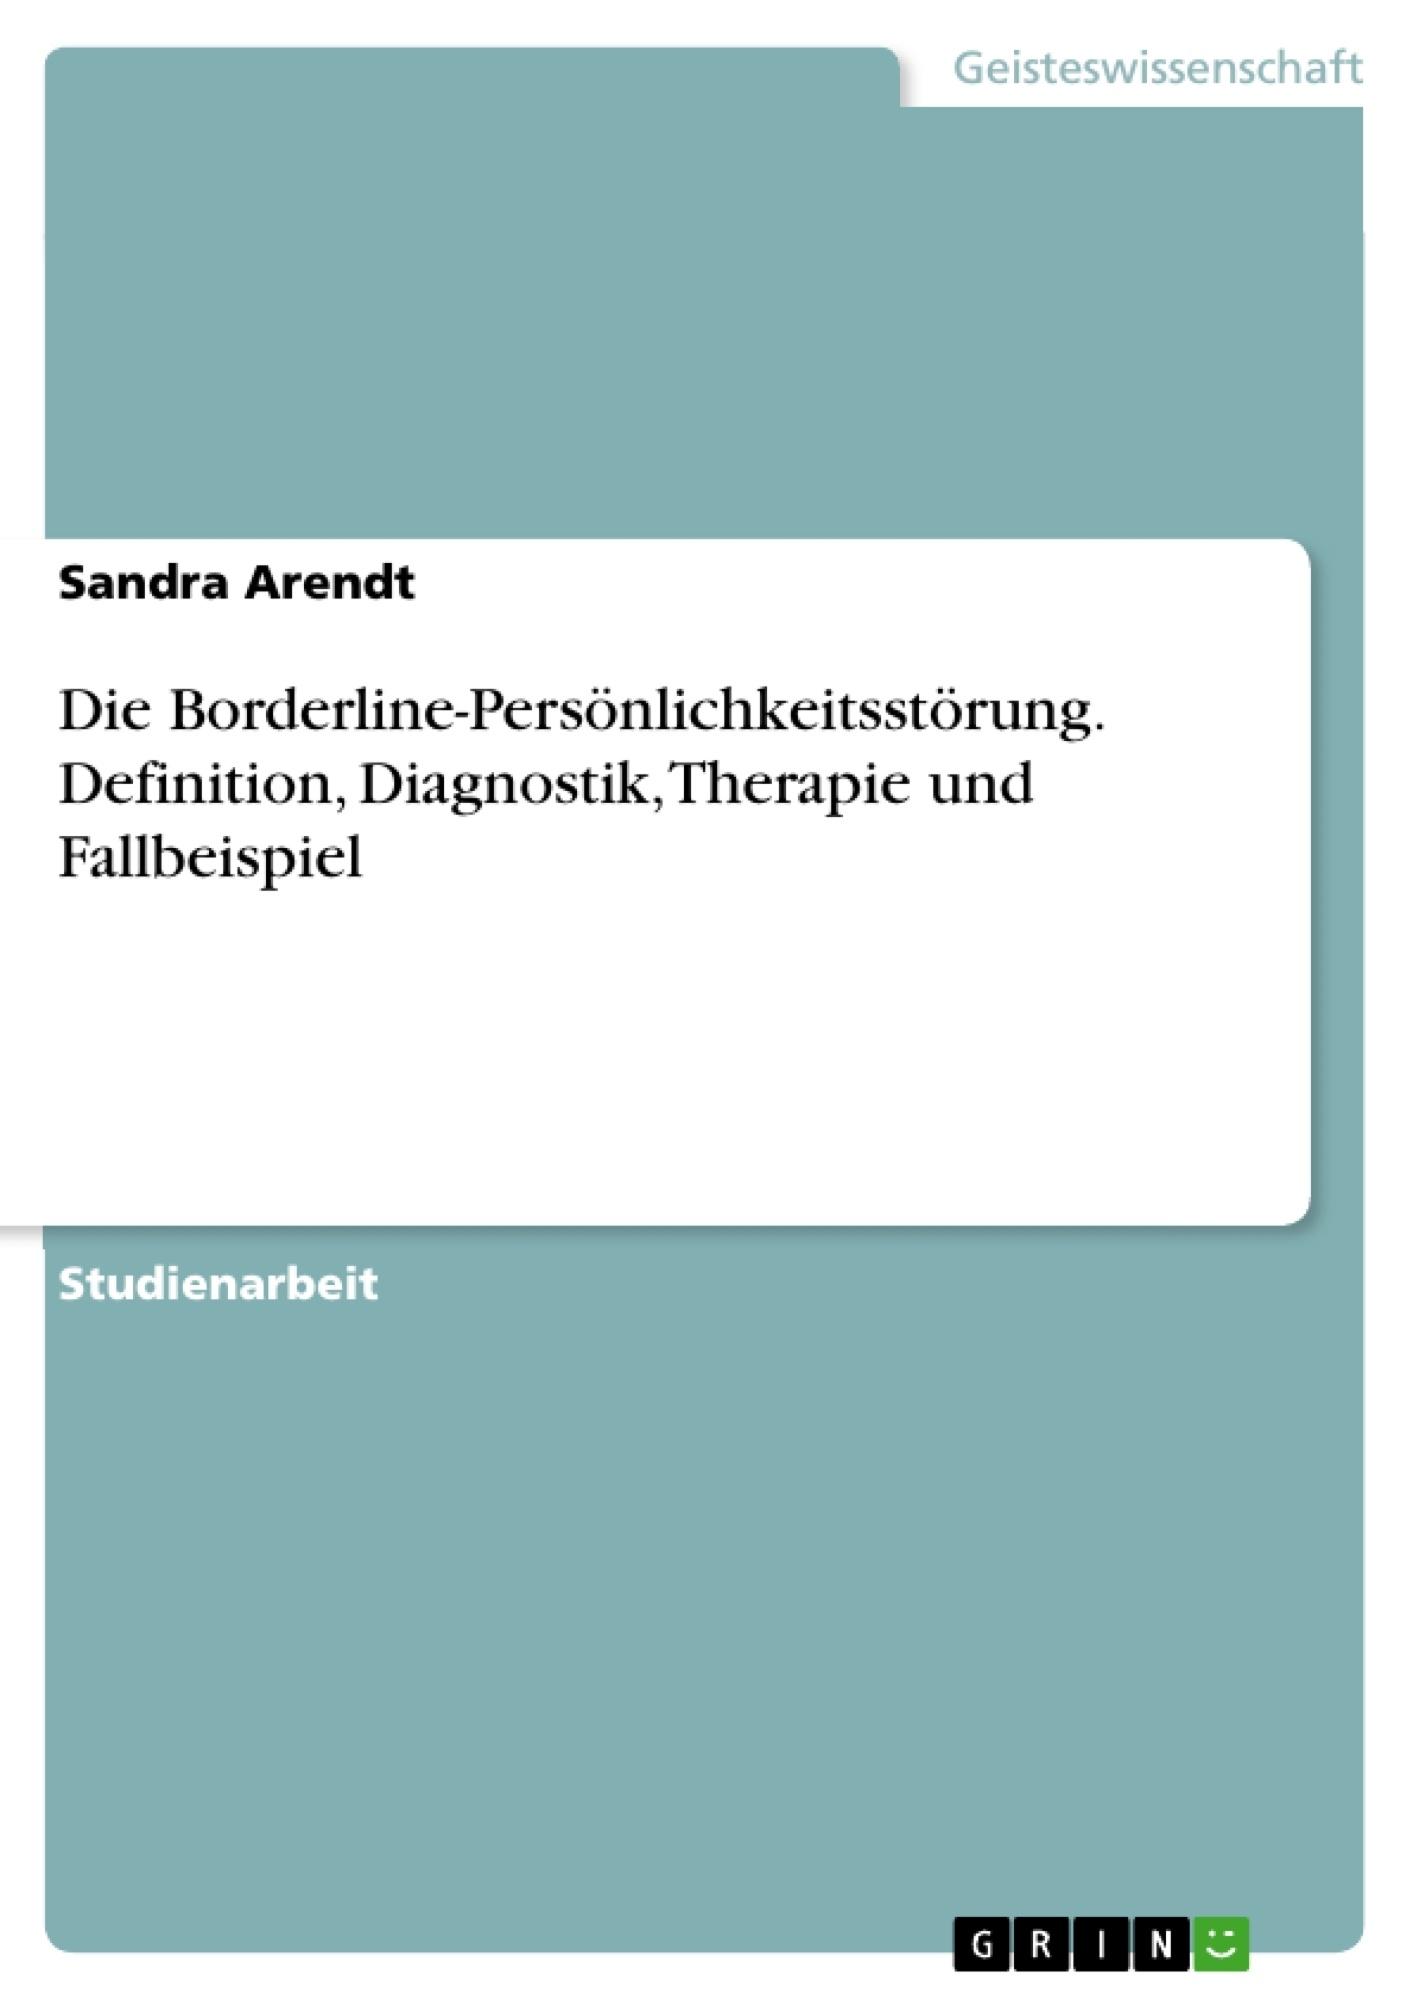 Titel: Die Borderline-Persönlichkeitsstörung. Definition, Diagnostik, Therapie und Fallbeispiel